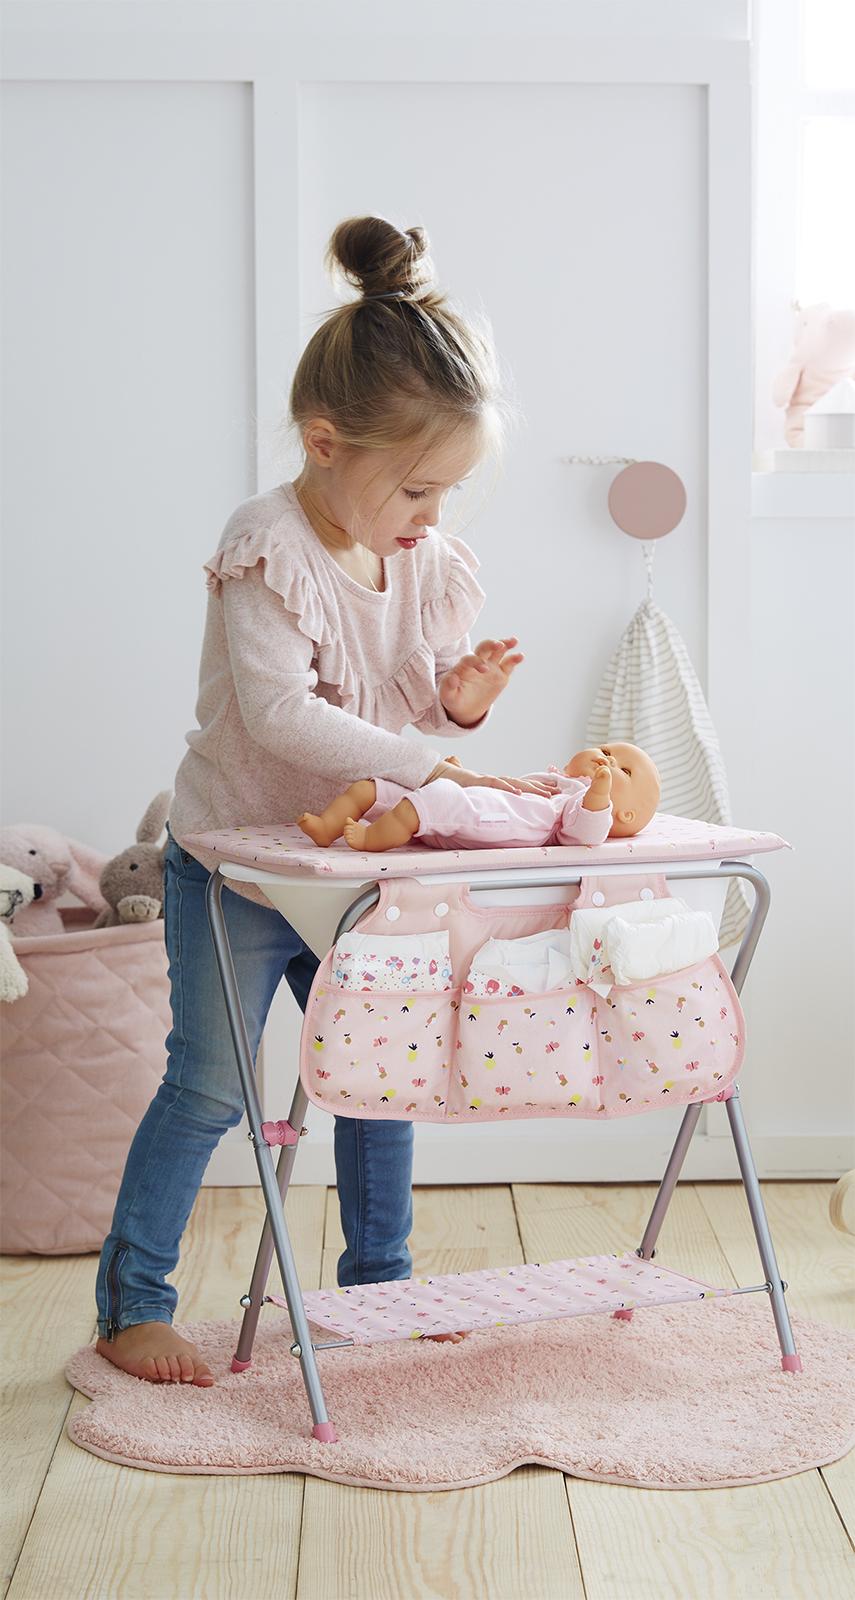 epingle sur jouets et idees cadeaux